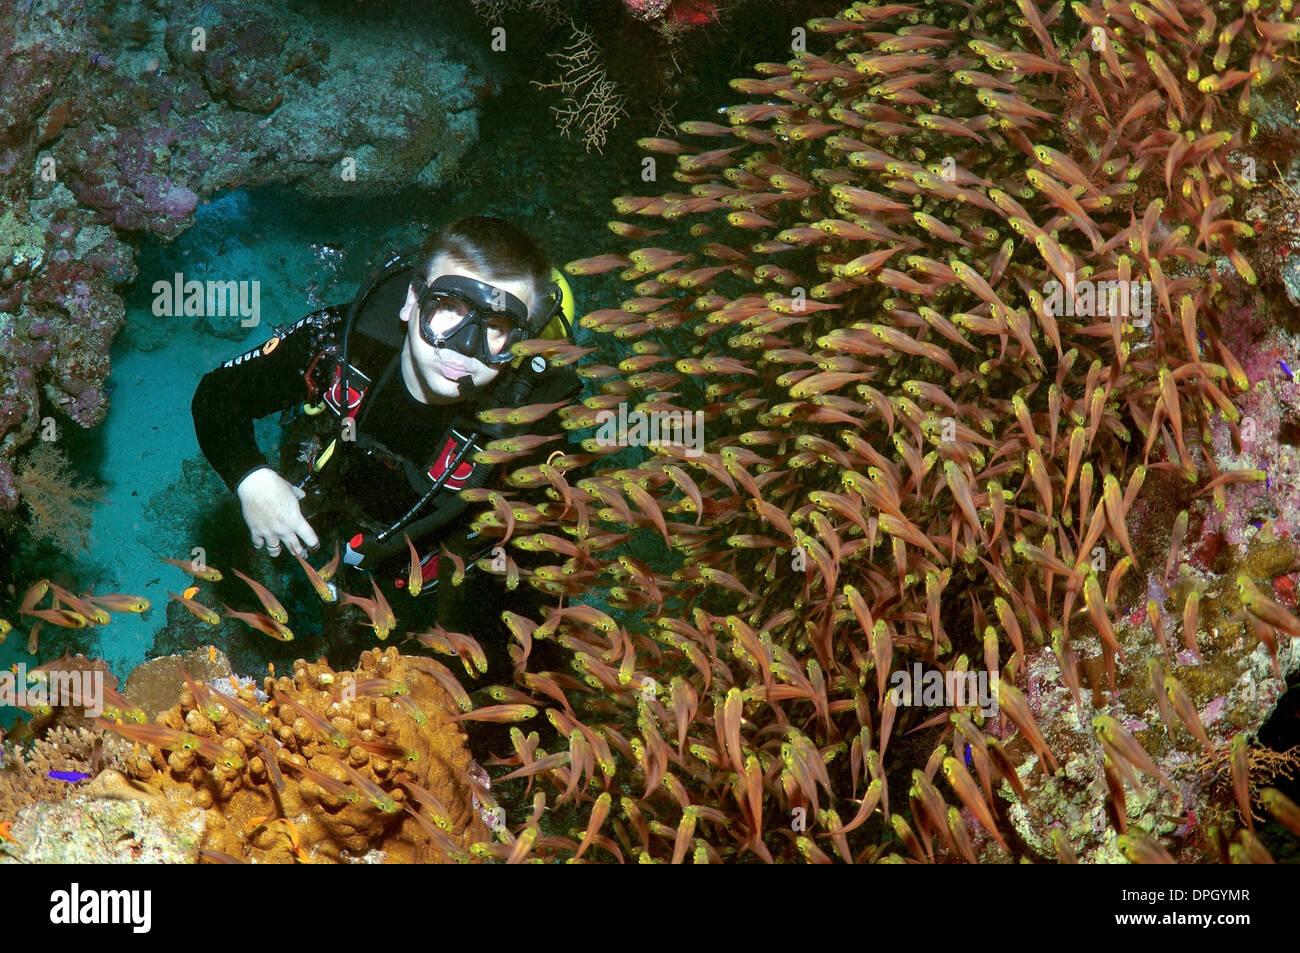 Golden Bullseye Stockfotos & Golden Bullseye Bilder - Alamy